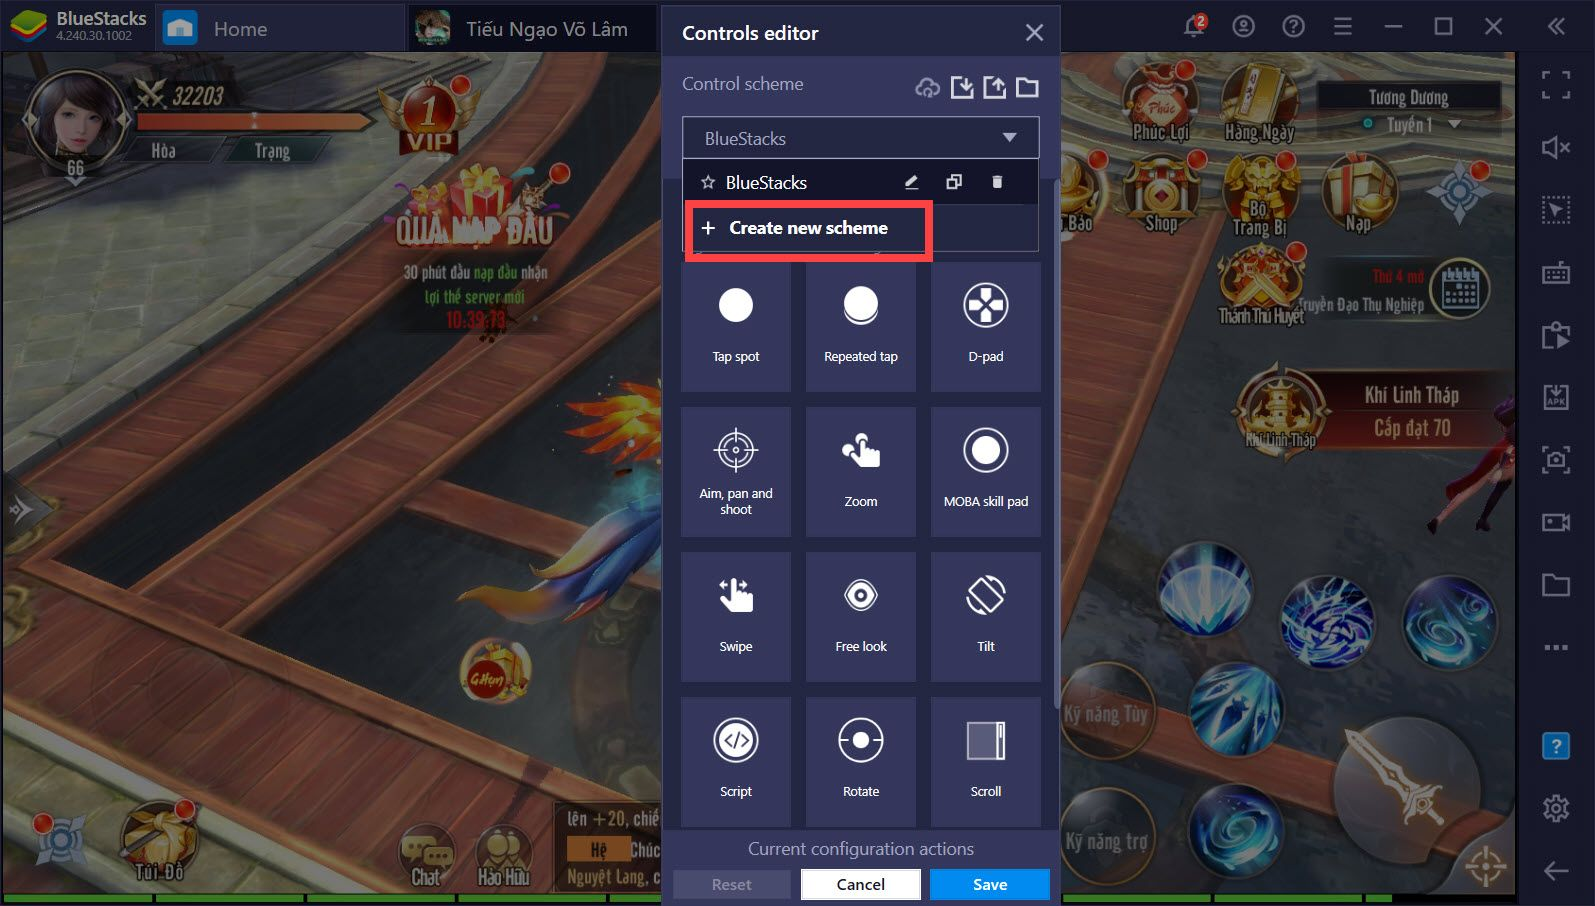 Bí kíp PK cực đỉnh trong Tiếu Ngạo Võ Lâm với công cụ Game Controls